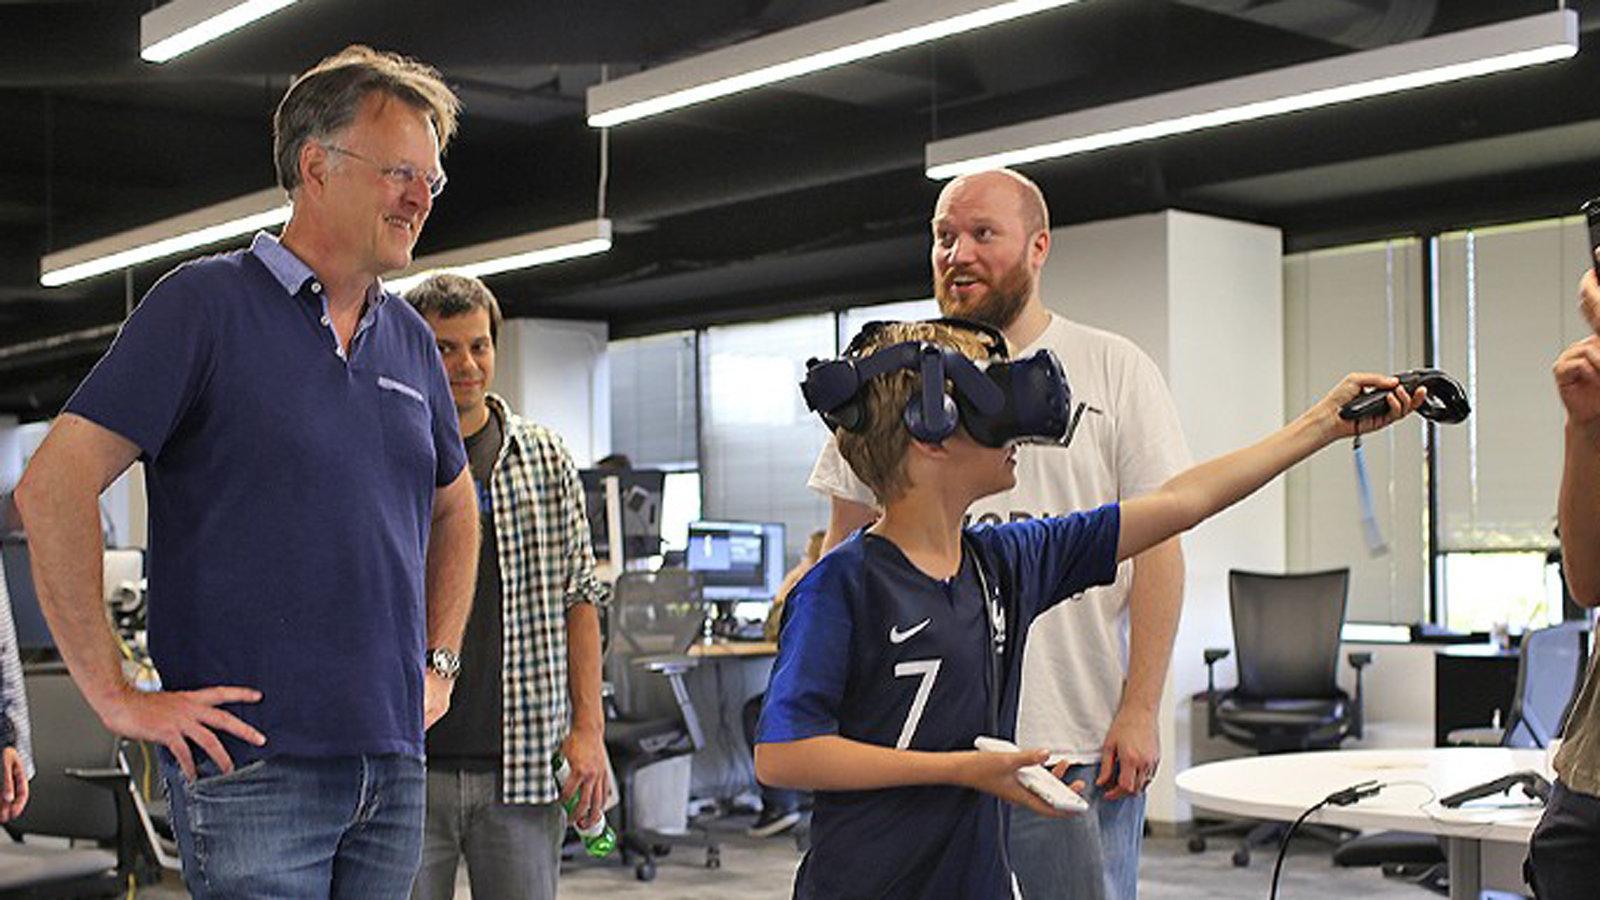 苹果聘用VR内容公司创始人 助力3D和AR技术